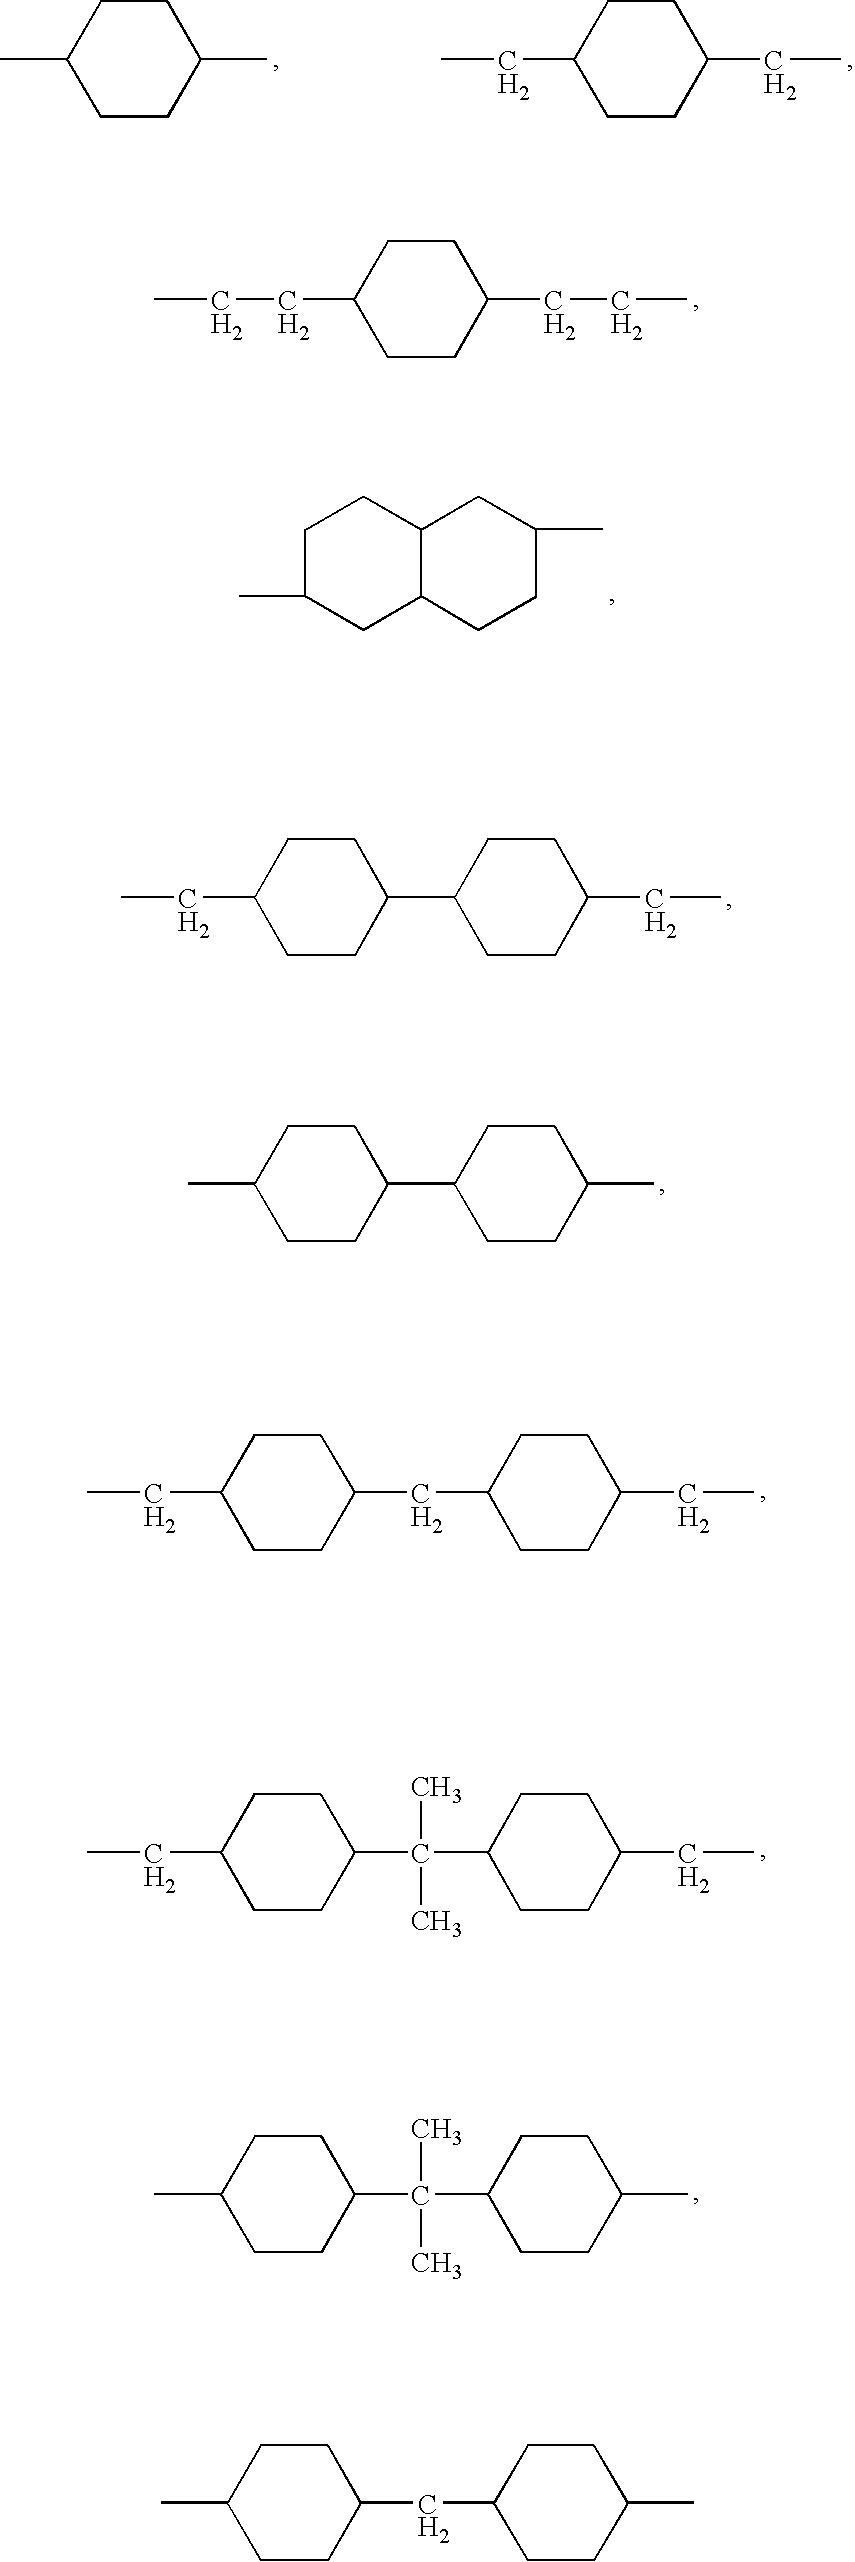 Figure US20050113533A1-20050526-C00009